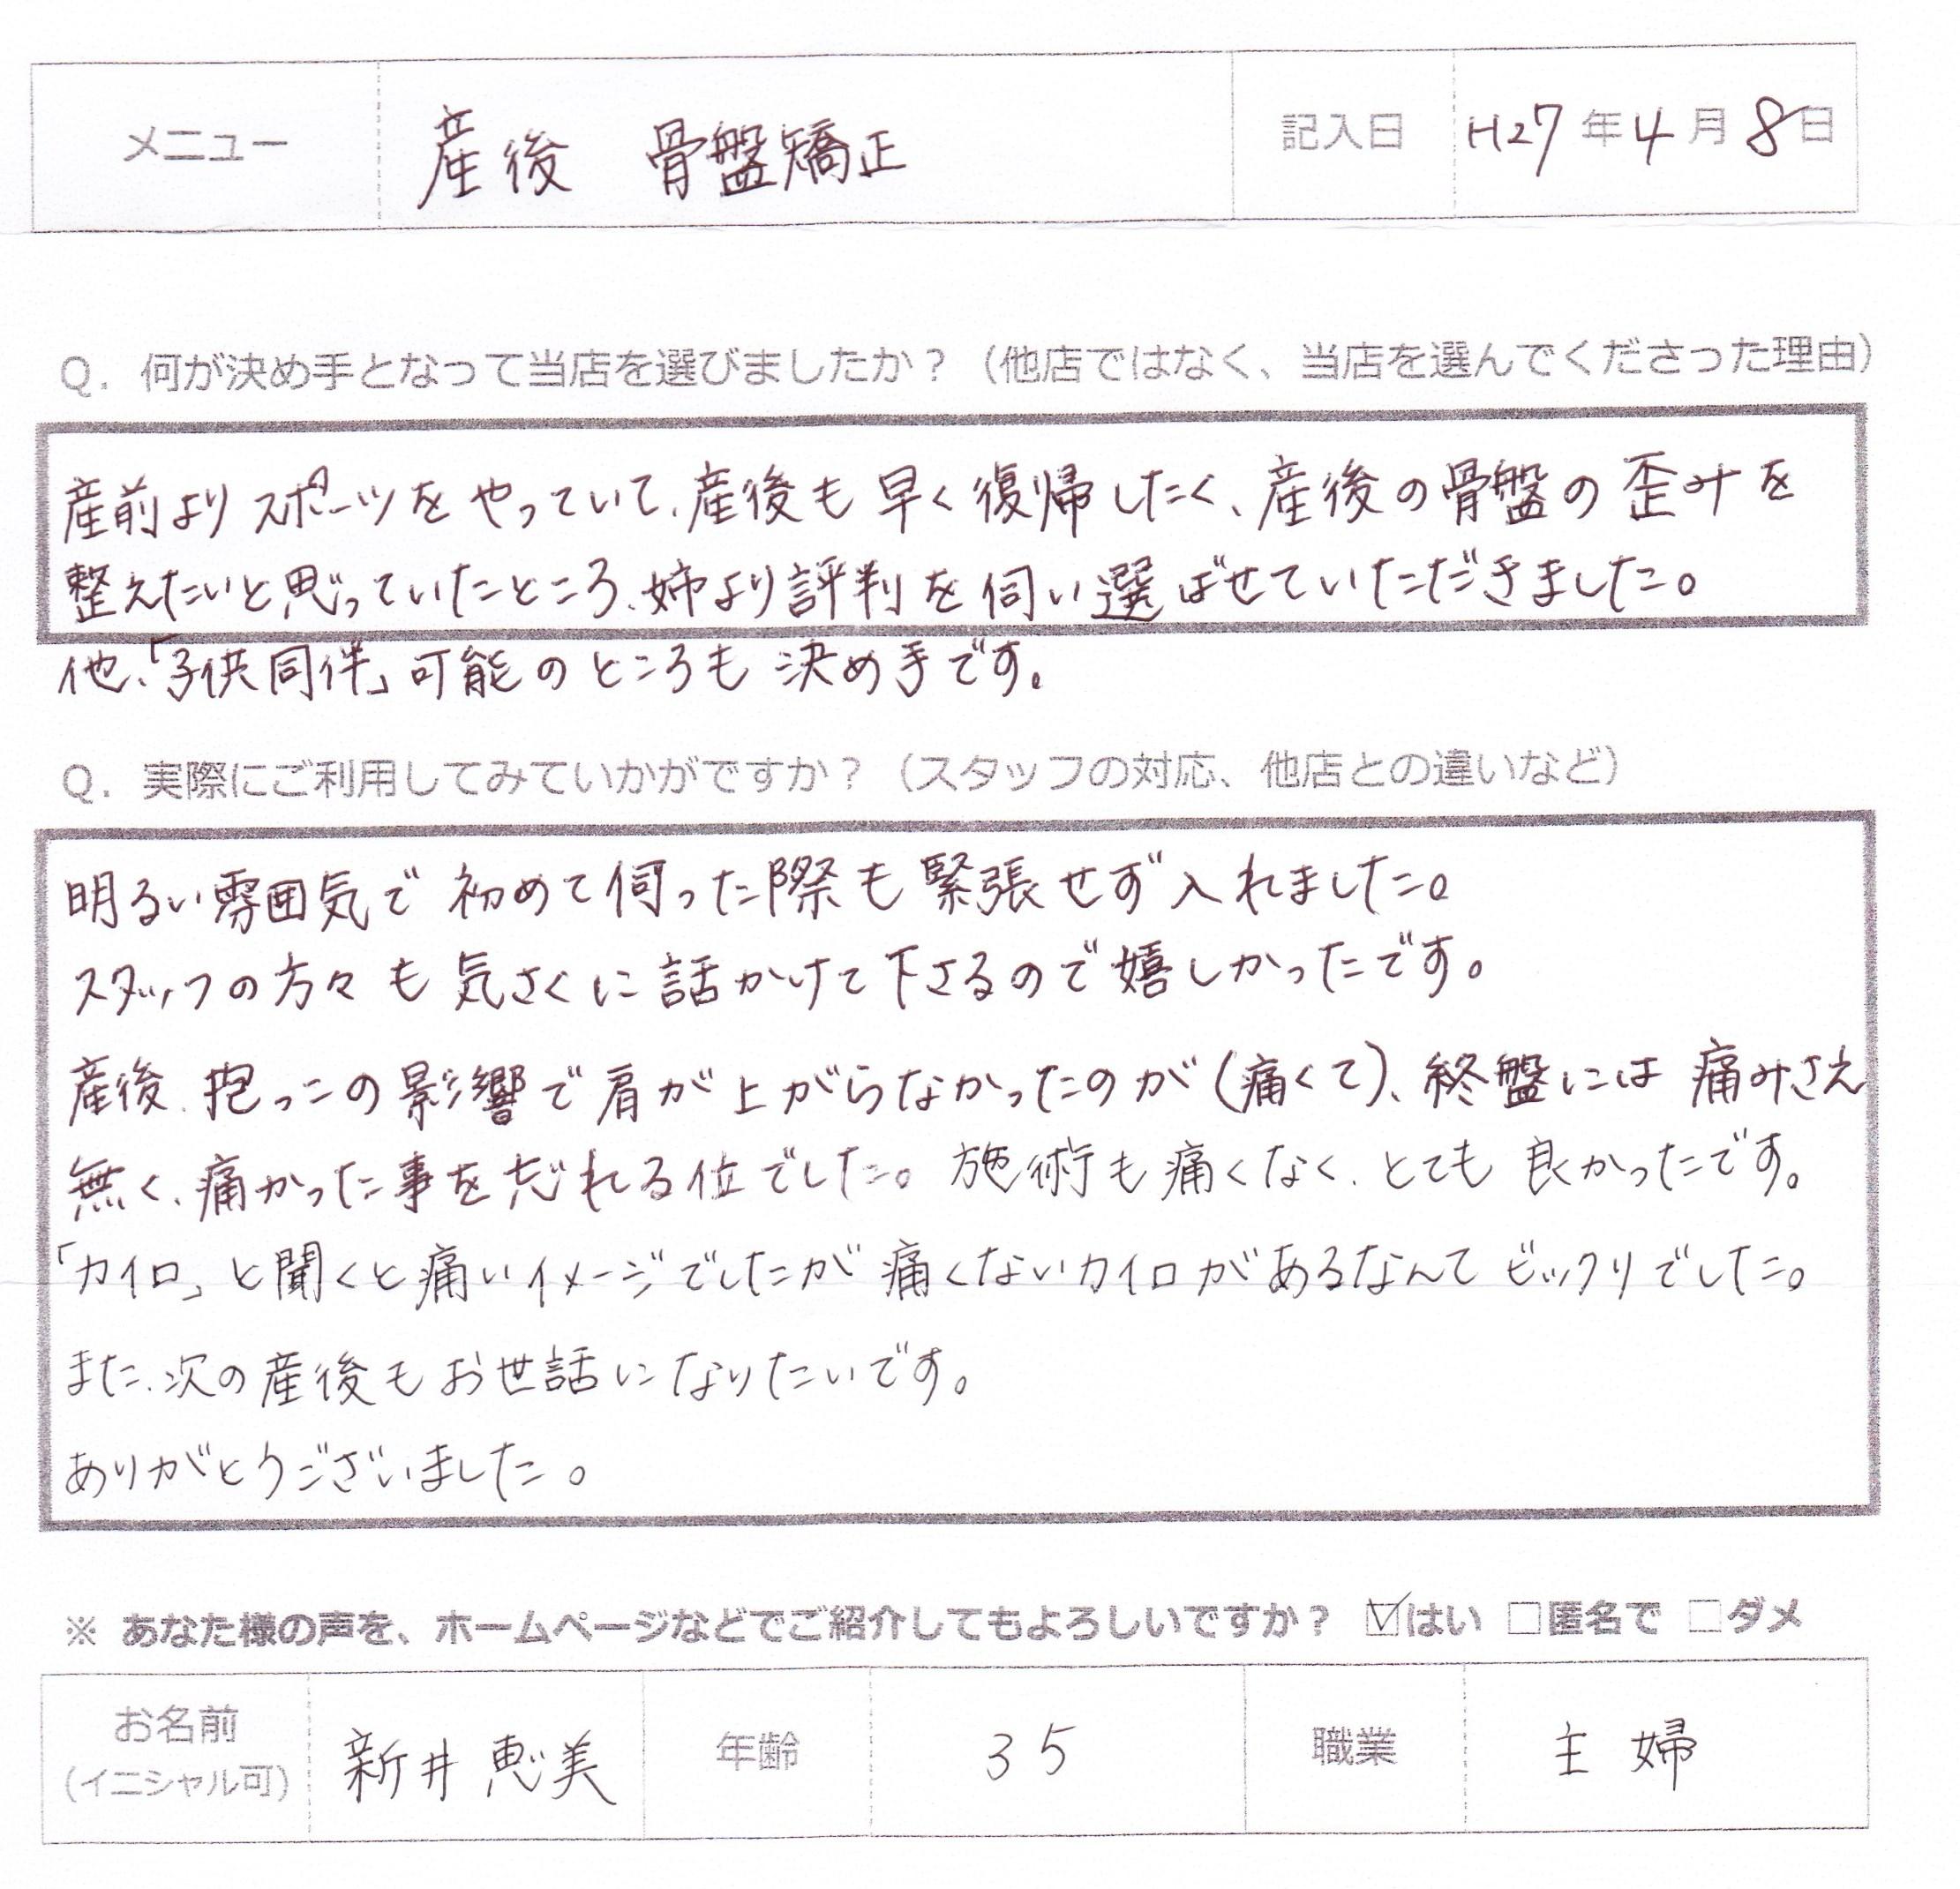 お客様の声 2015.4.8 新井様 001